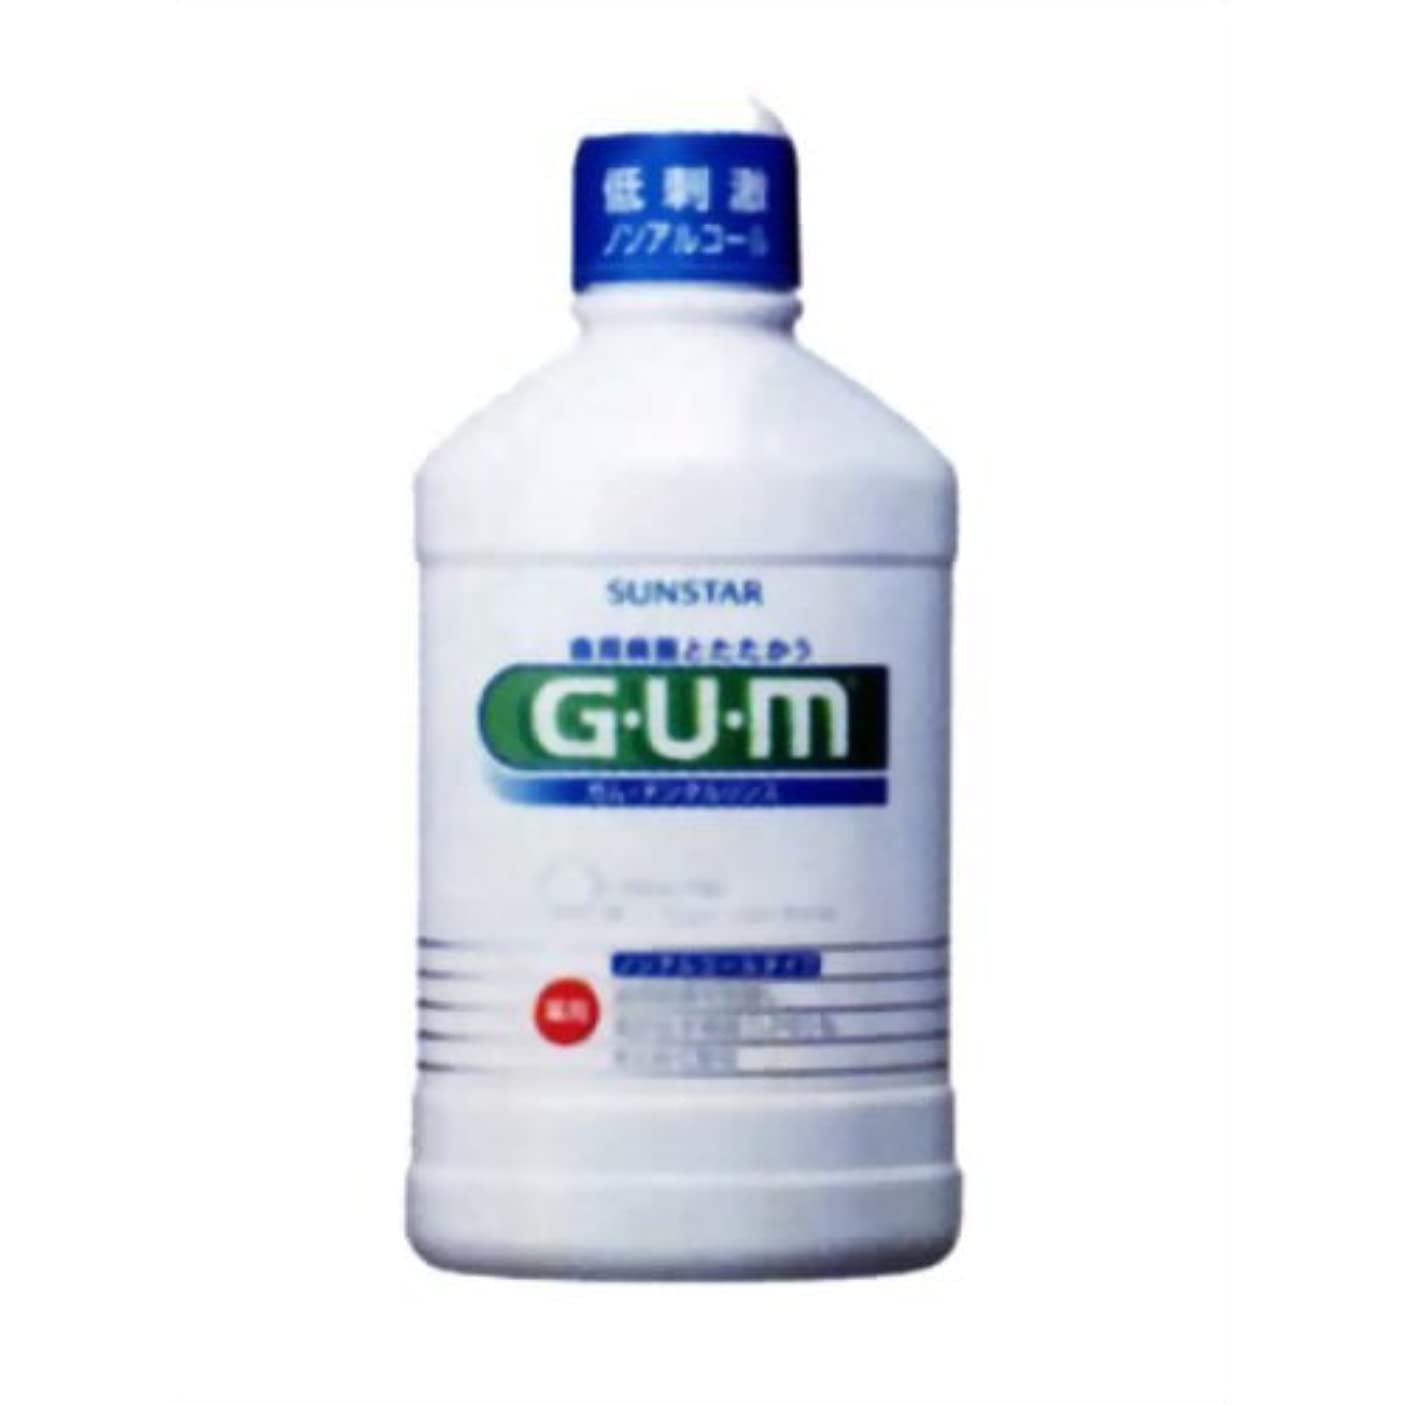 分注する明るい寛解GUM(ガム) 薬用 デンタルリンス ノンアルコールタイプ 250ml